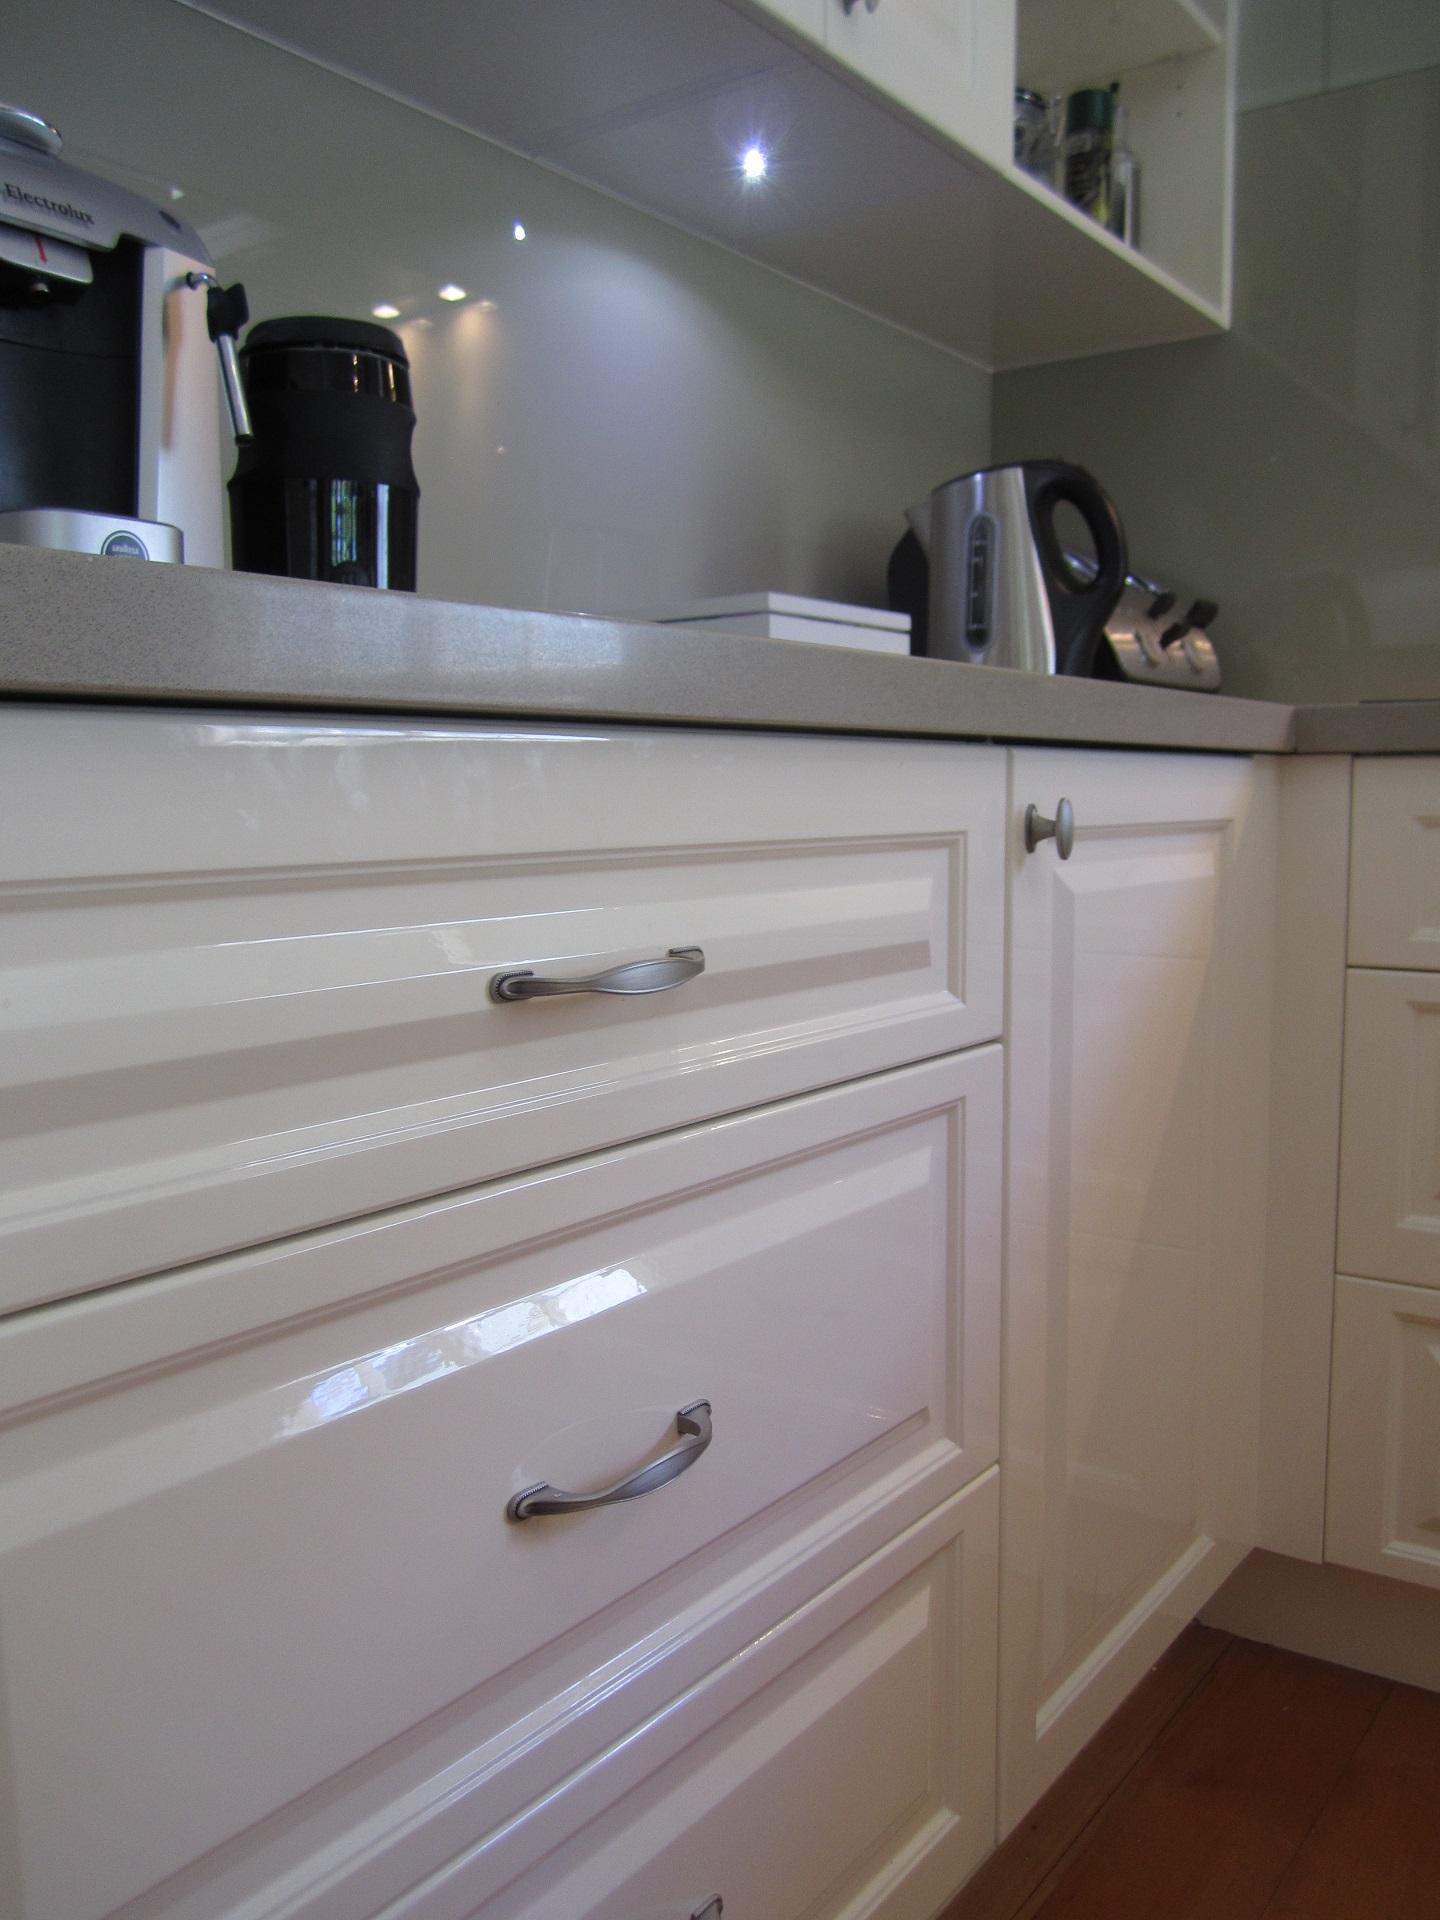 brisbane-kitchen-design-paddington-traditional-kitchen-renovation7